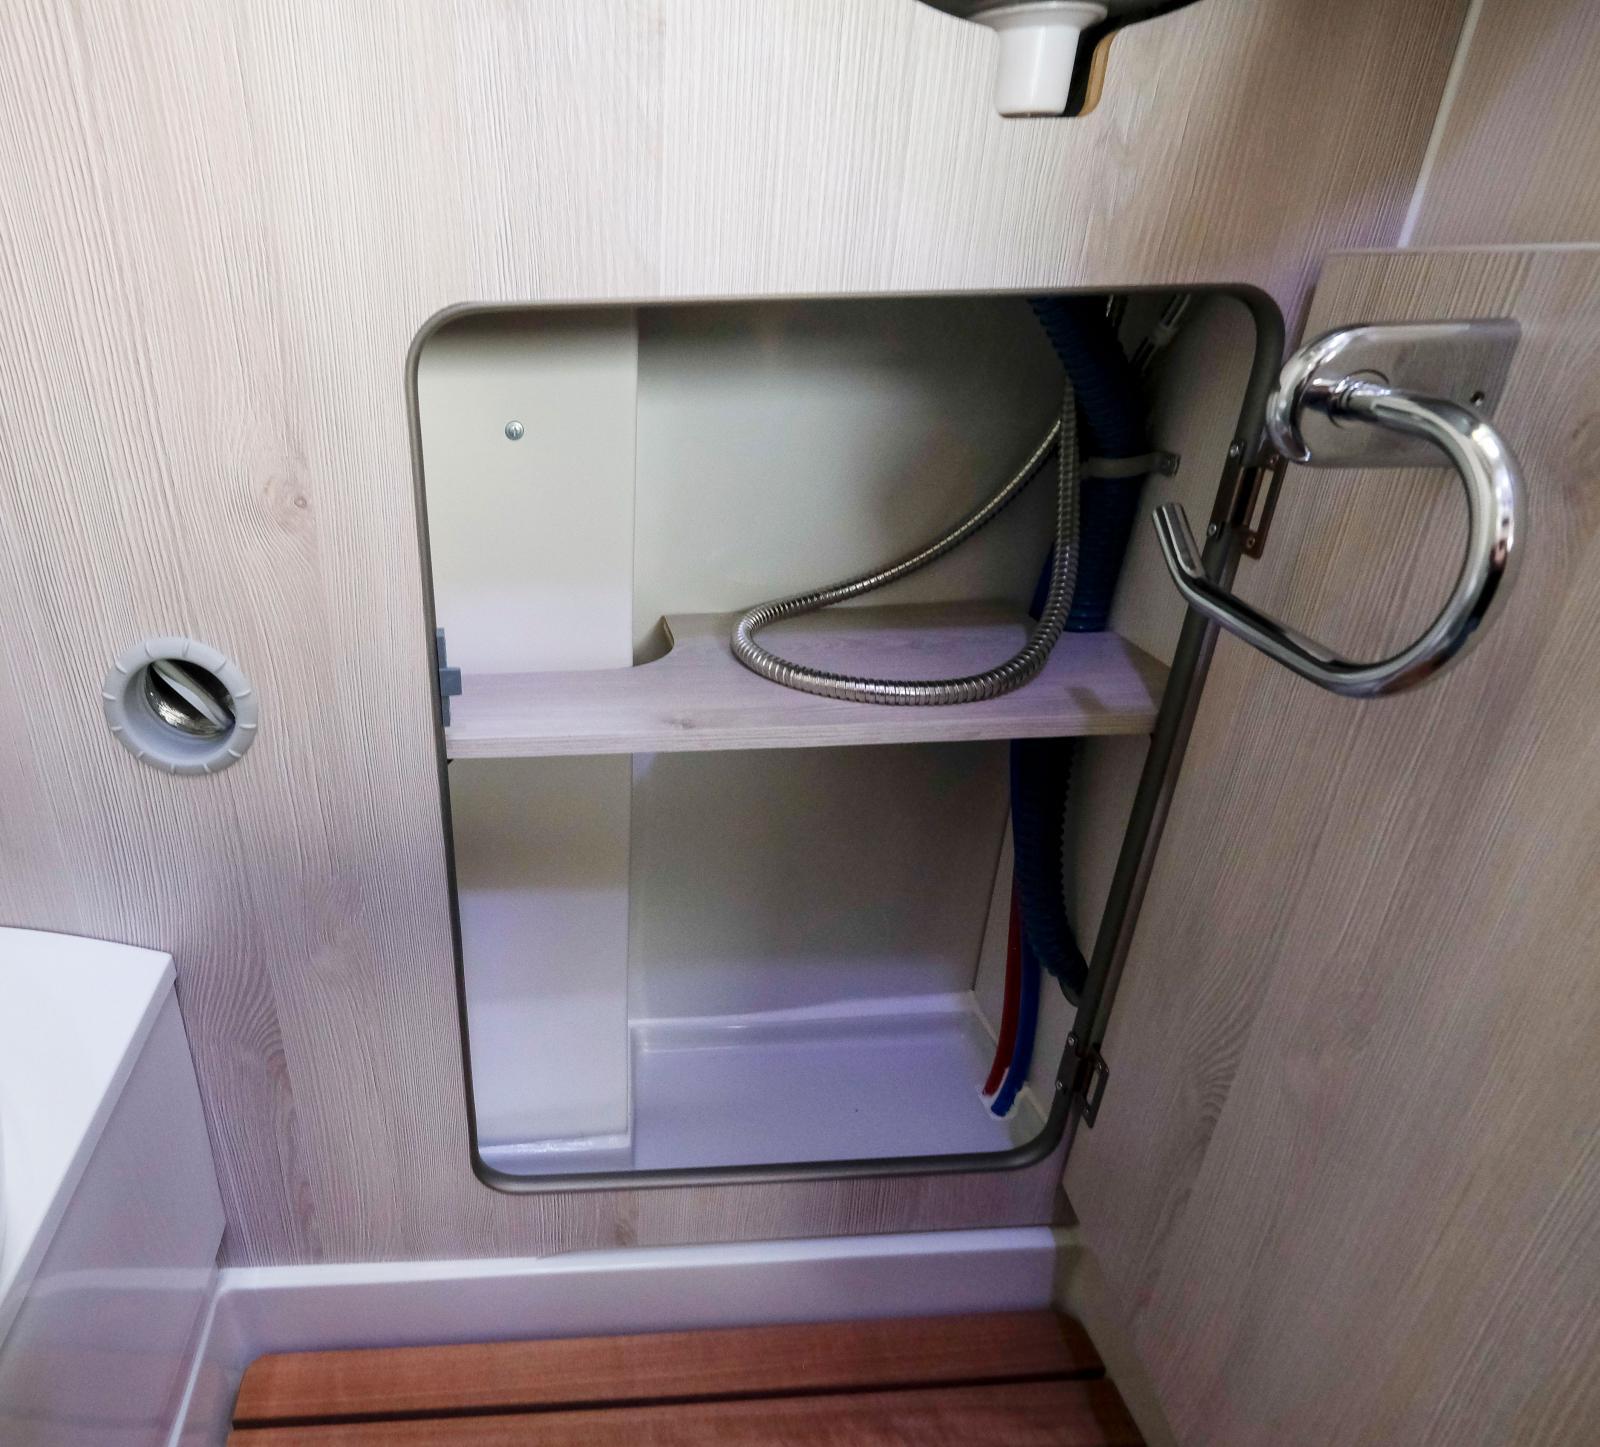 Plats även under handfatet och toapappret bakom luckan.